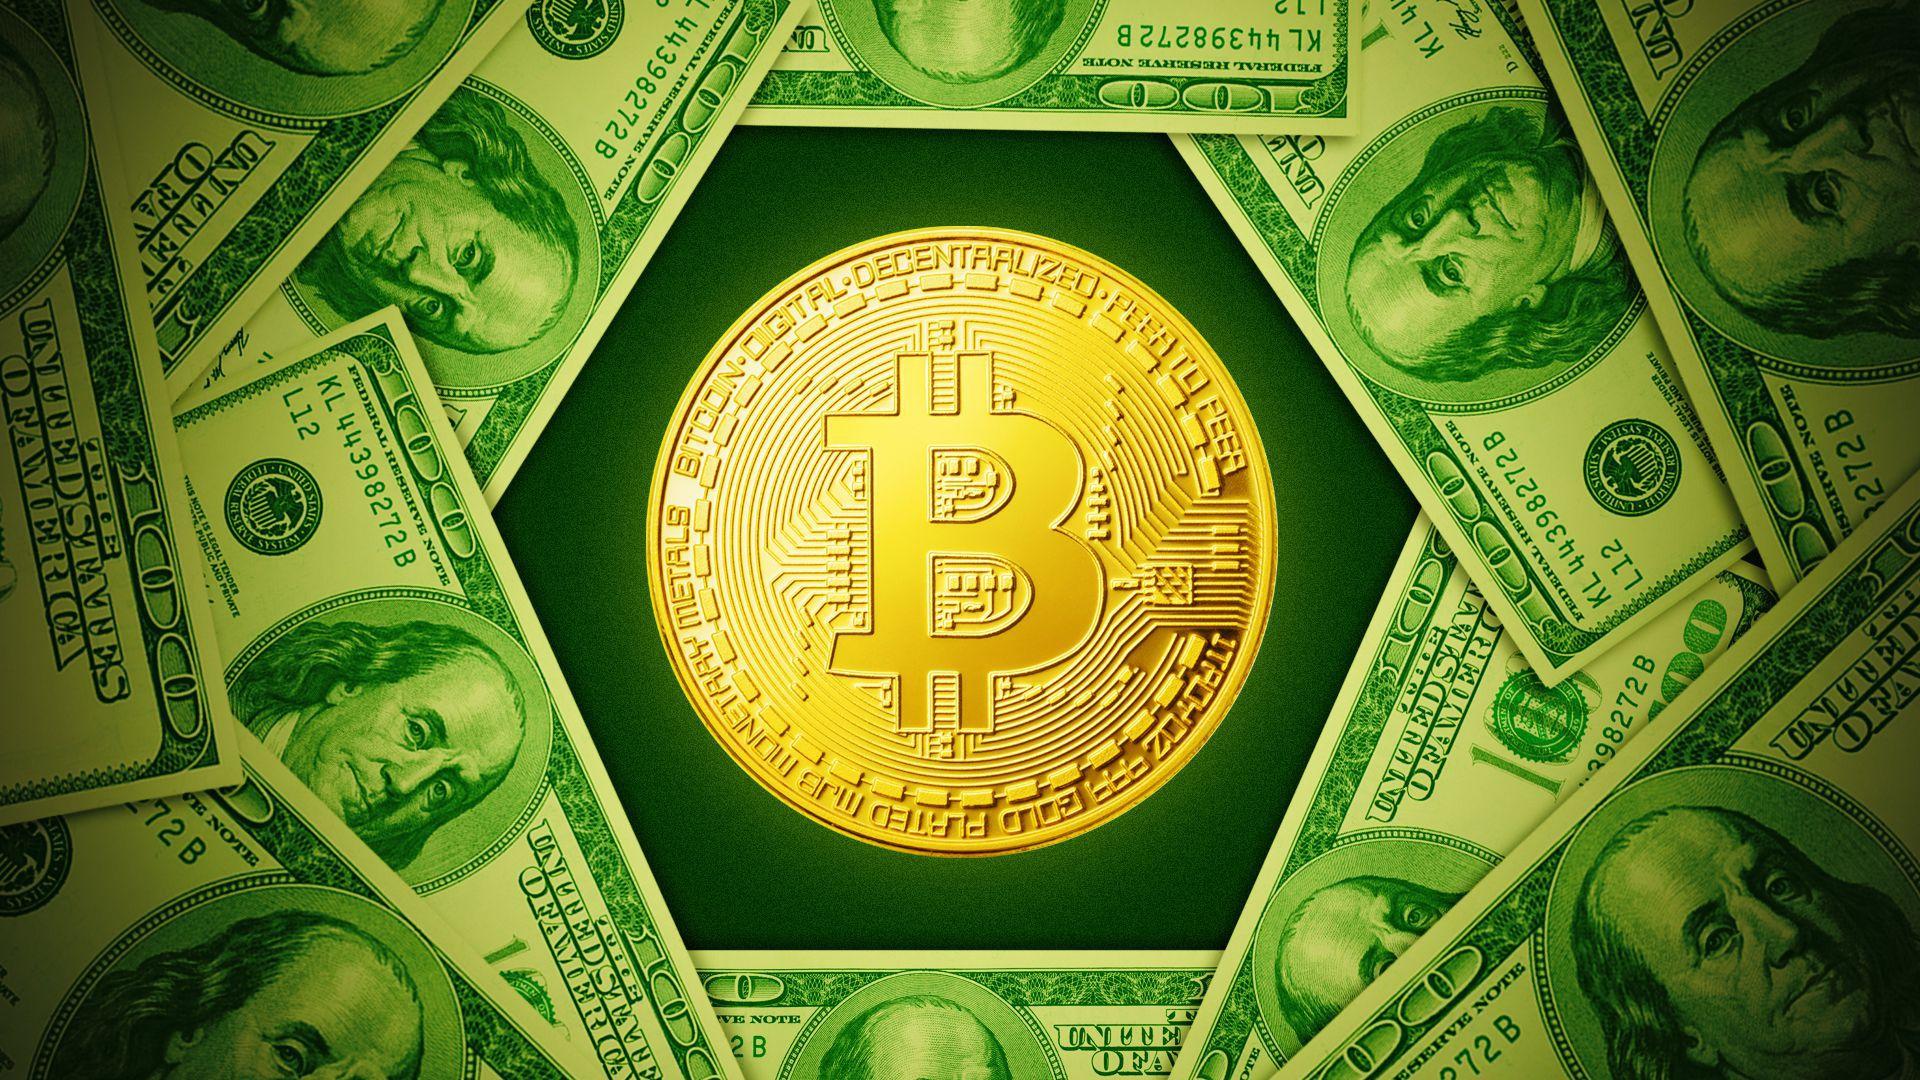 Tarihi An! Bitcoin Fiyatı 66.000 Doların Üstüne Çıkarak Yeni Bir Rekor Kırdı!